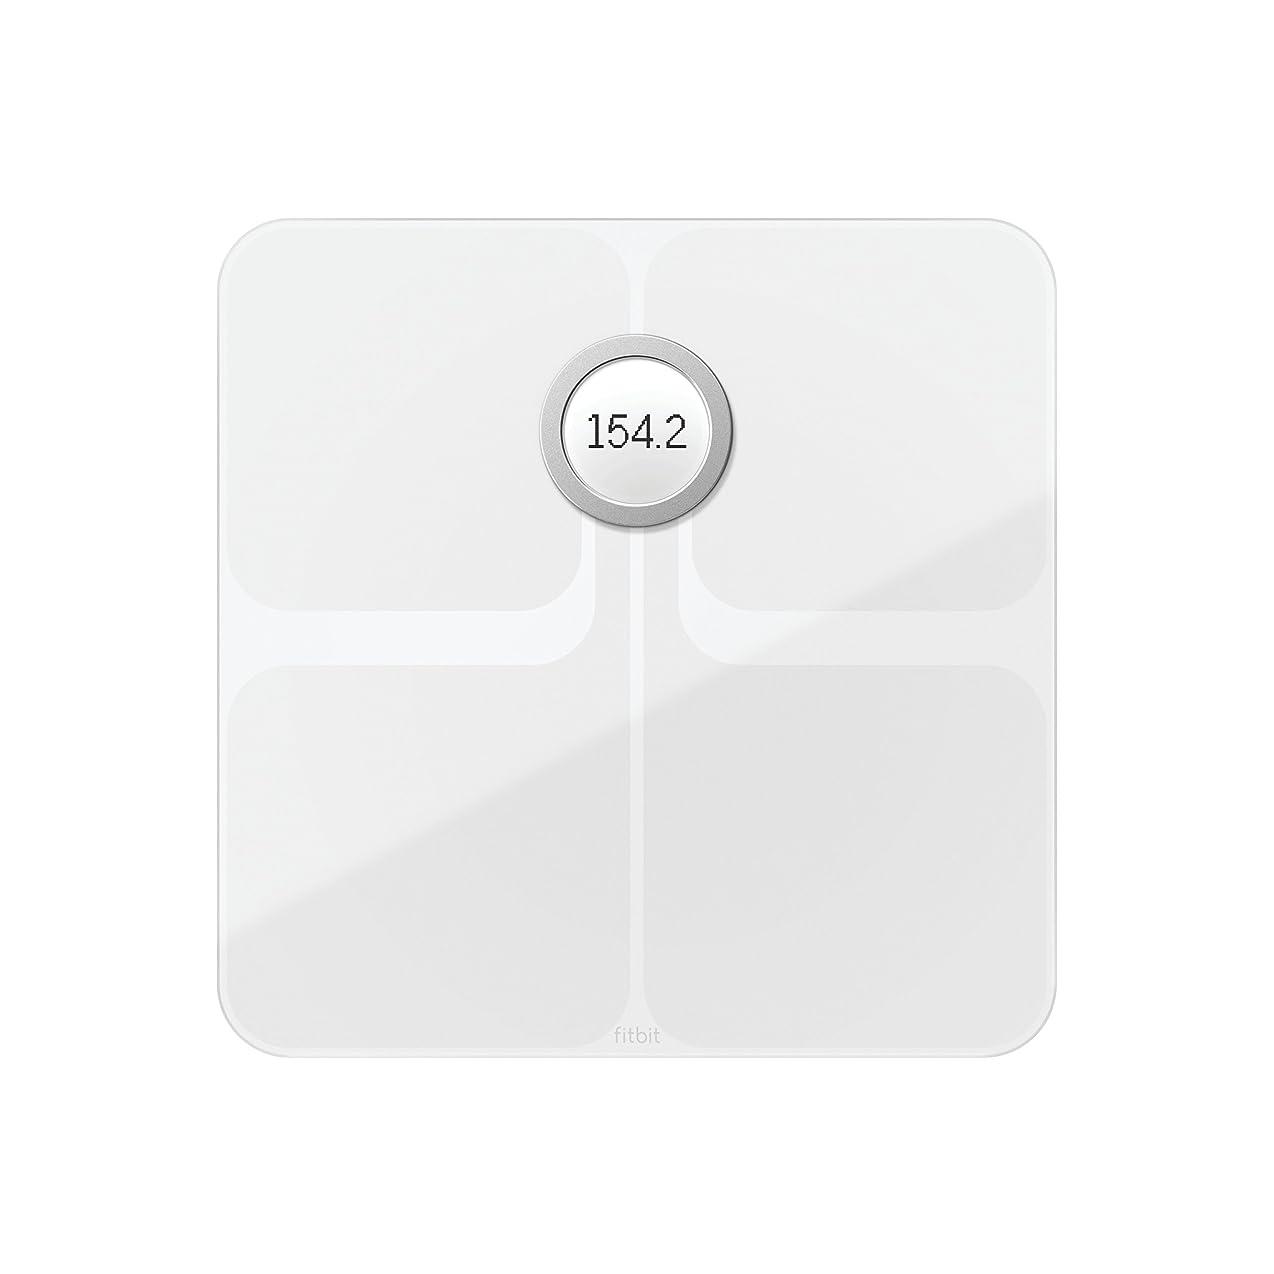 つまずくドリルパットFitbit(フィットビット) Aria 2 Wi-fi/Bluetooth スマートスケール 多機能 体重計 (White)